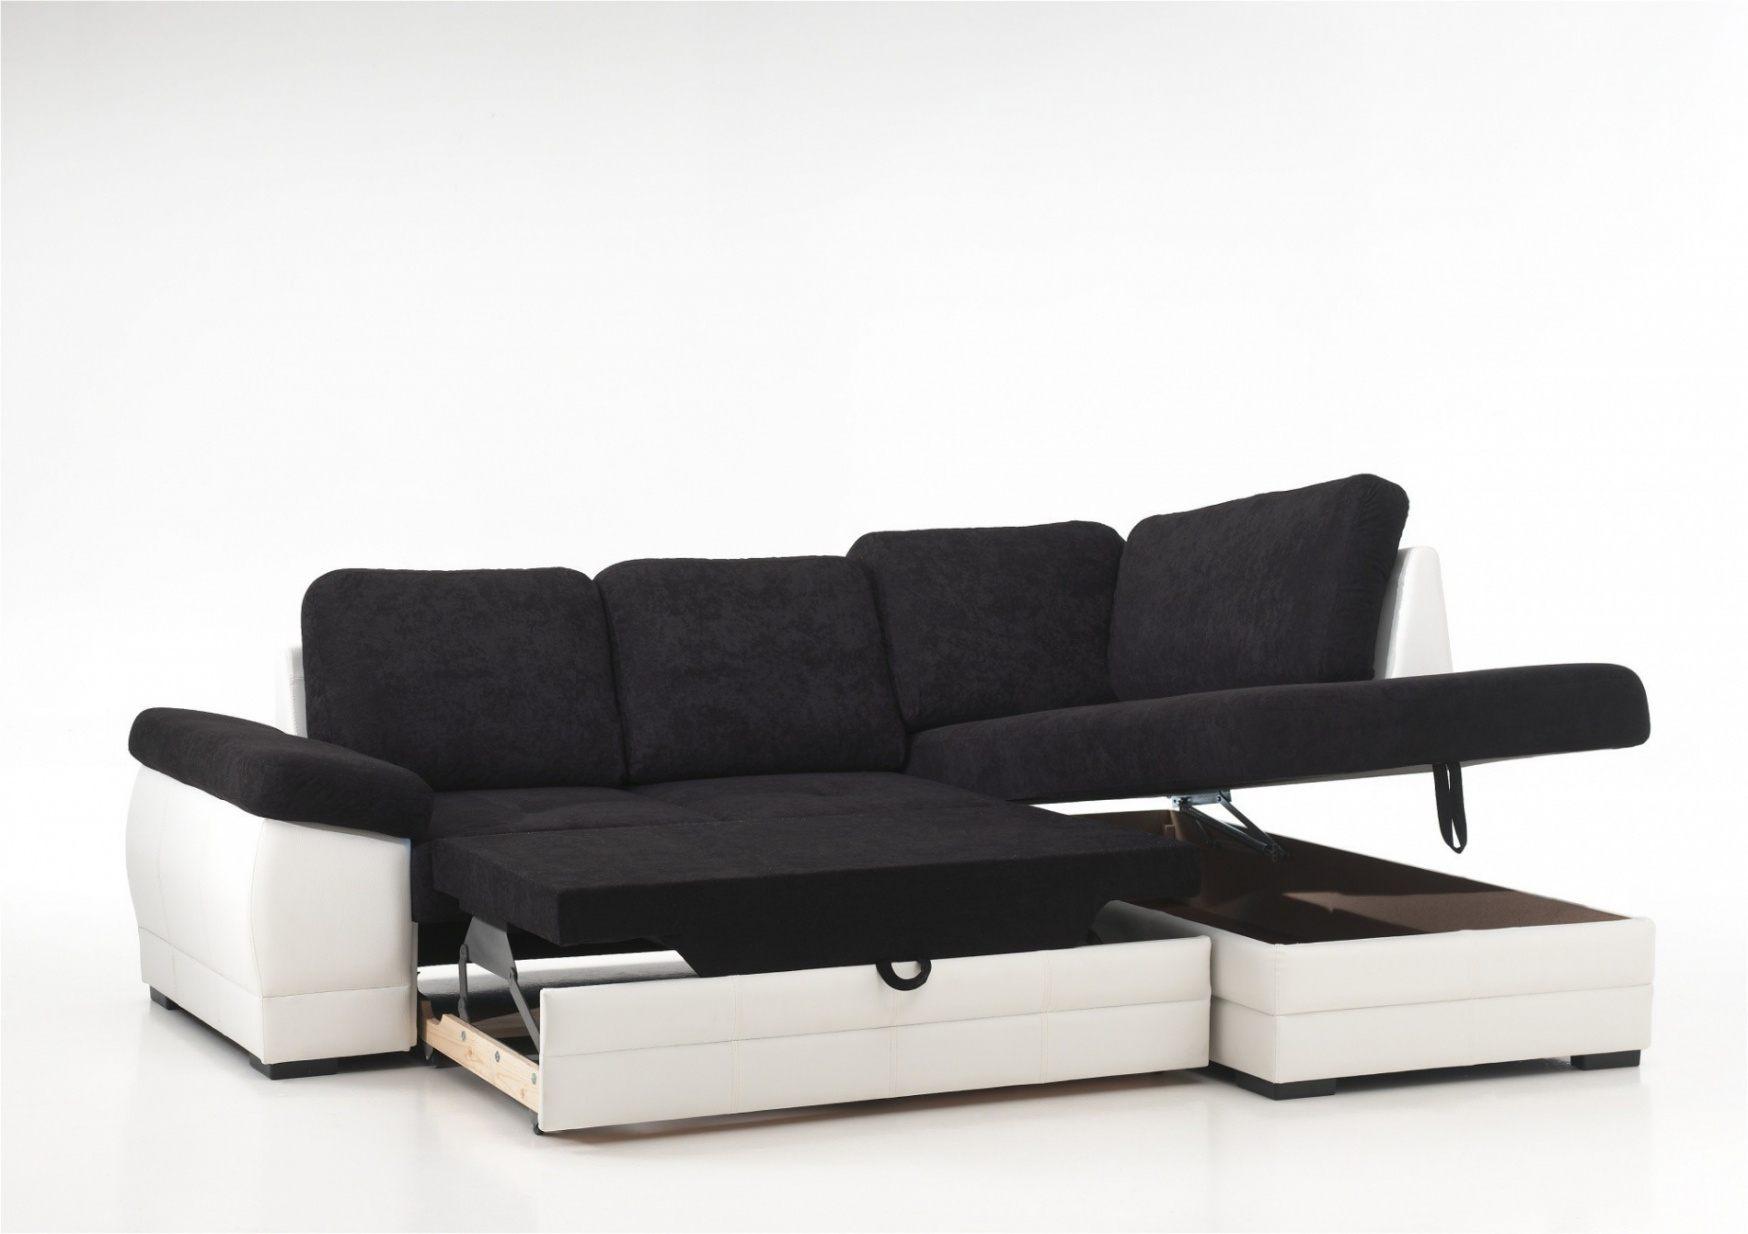 Canapé Convertible Vrai Lit Fraîche Délicieux Discount Canapé Angle Et Canapé Marocain Moderne Lovely